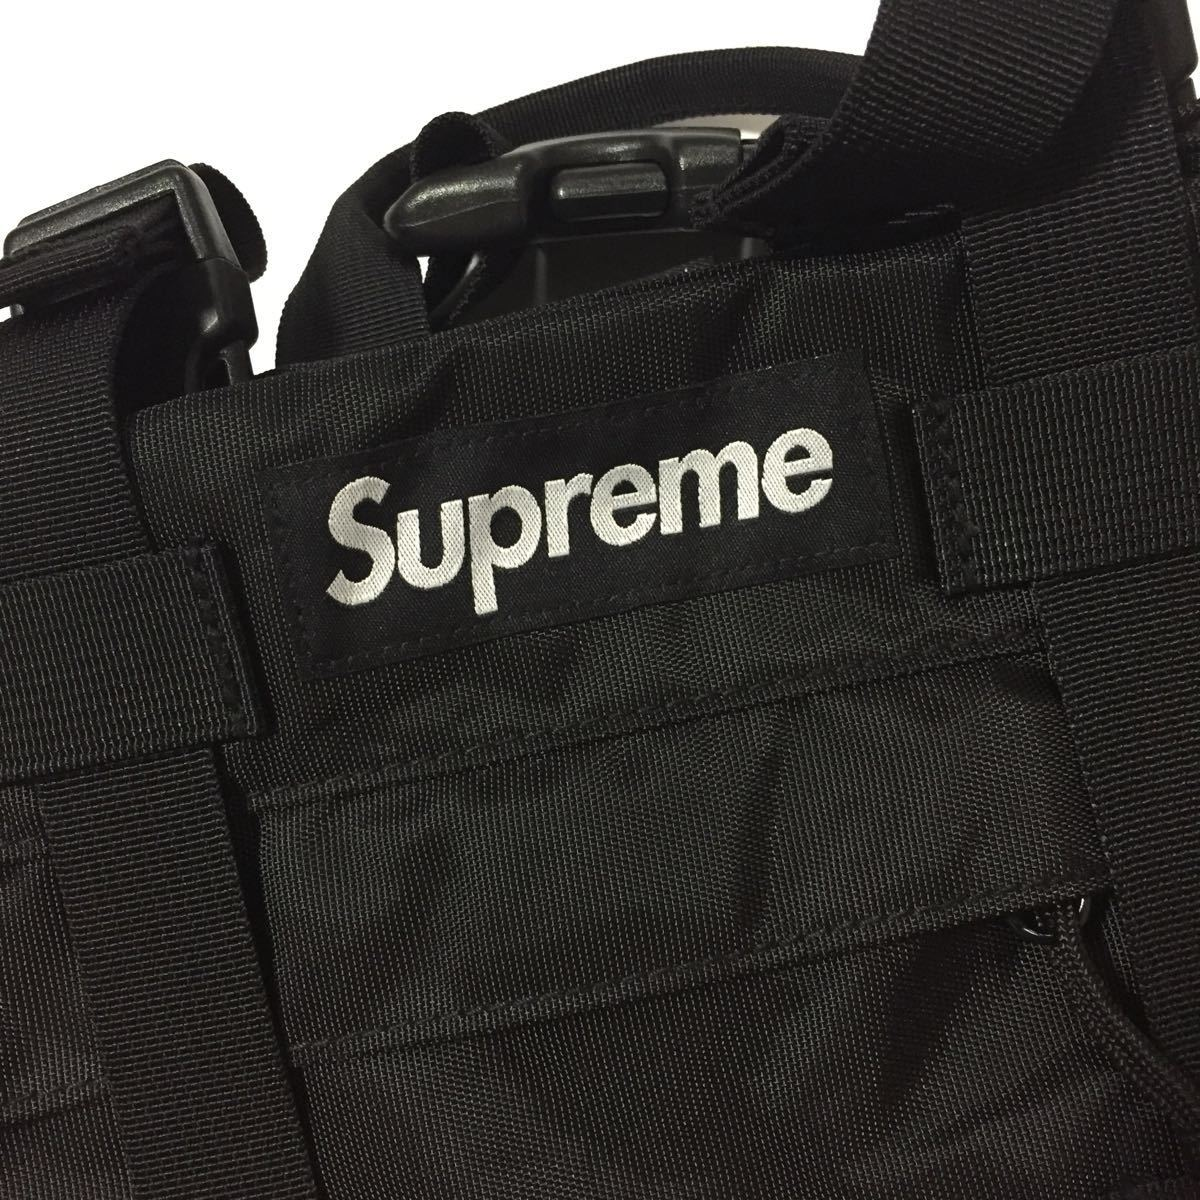 19fw Supreme Waist Bag ブラック 新品 国内正規品 ウエストバッグ 19aw_画像2